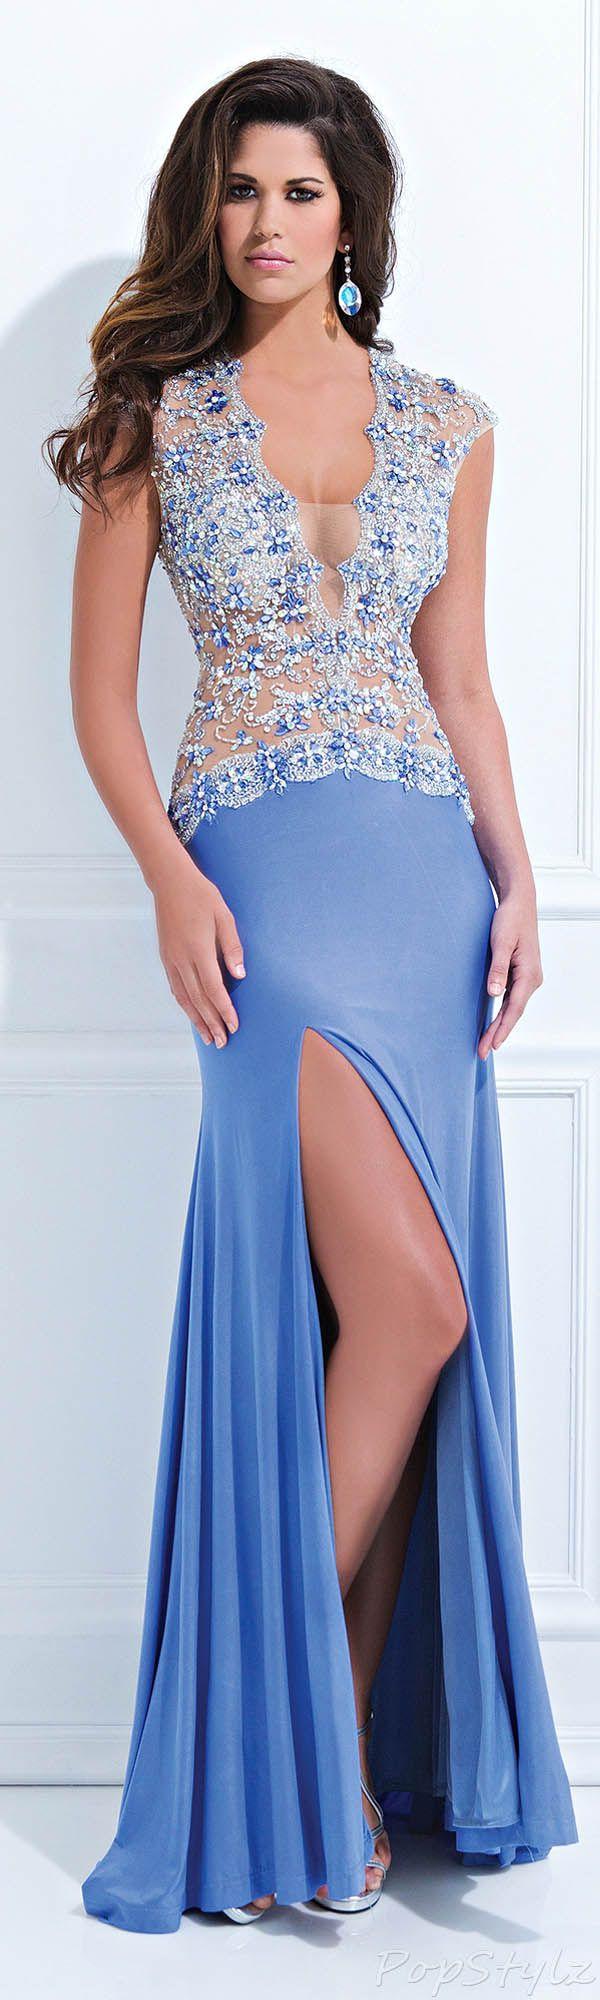 Alle Kleider abitur kleider : Tony Bowls Sweet Gown | Clothes for Gals | Pinterest | Pailetten ...